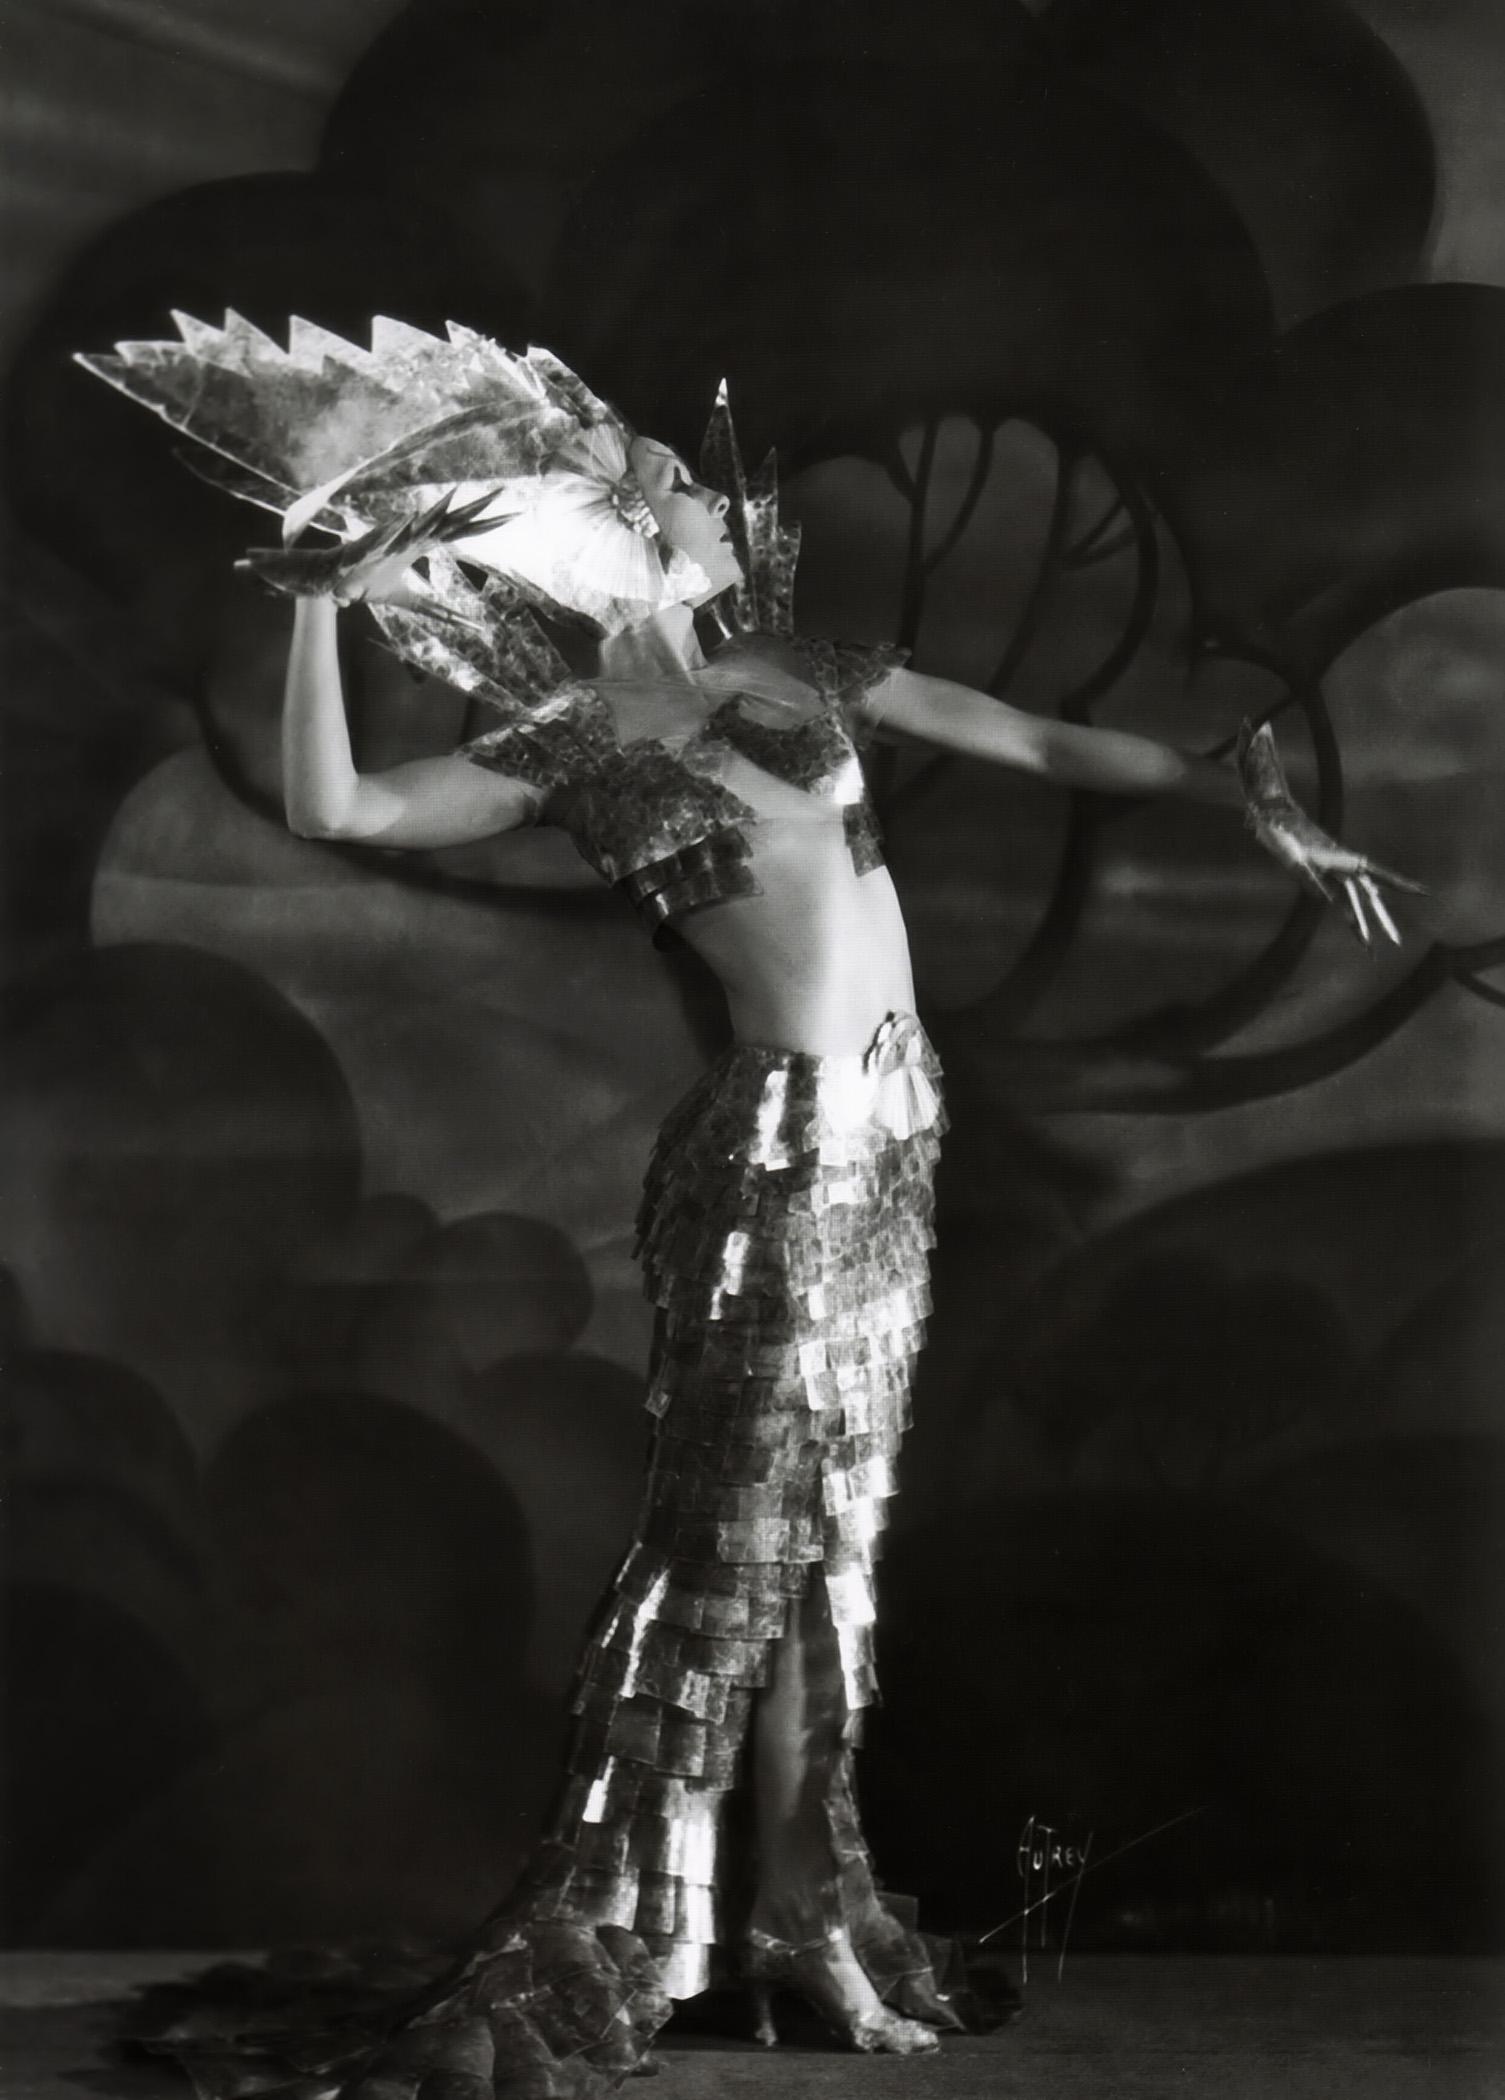 Nicollette Sheridan (born 1963) recommendations